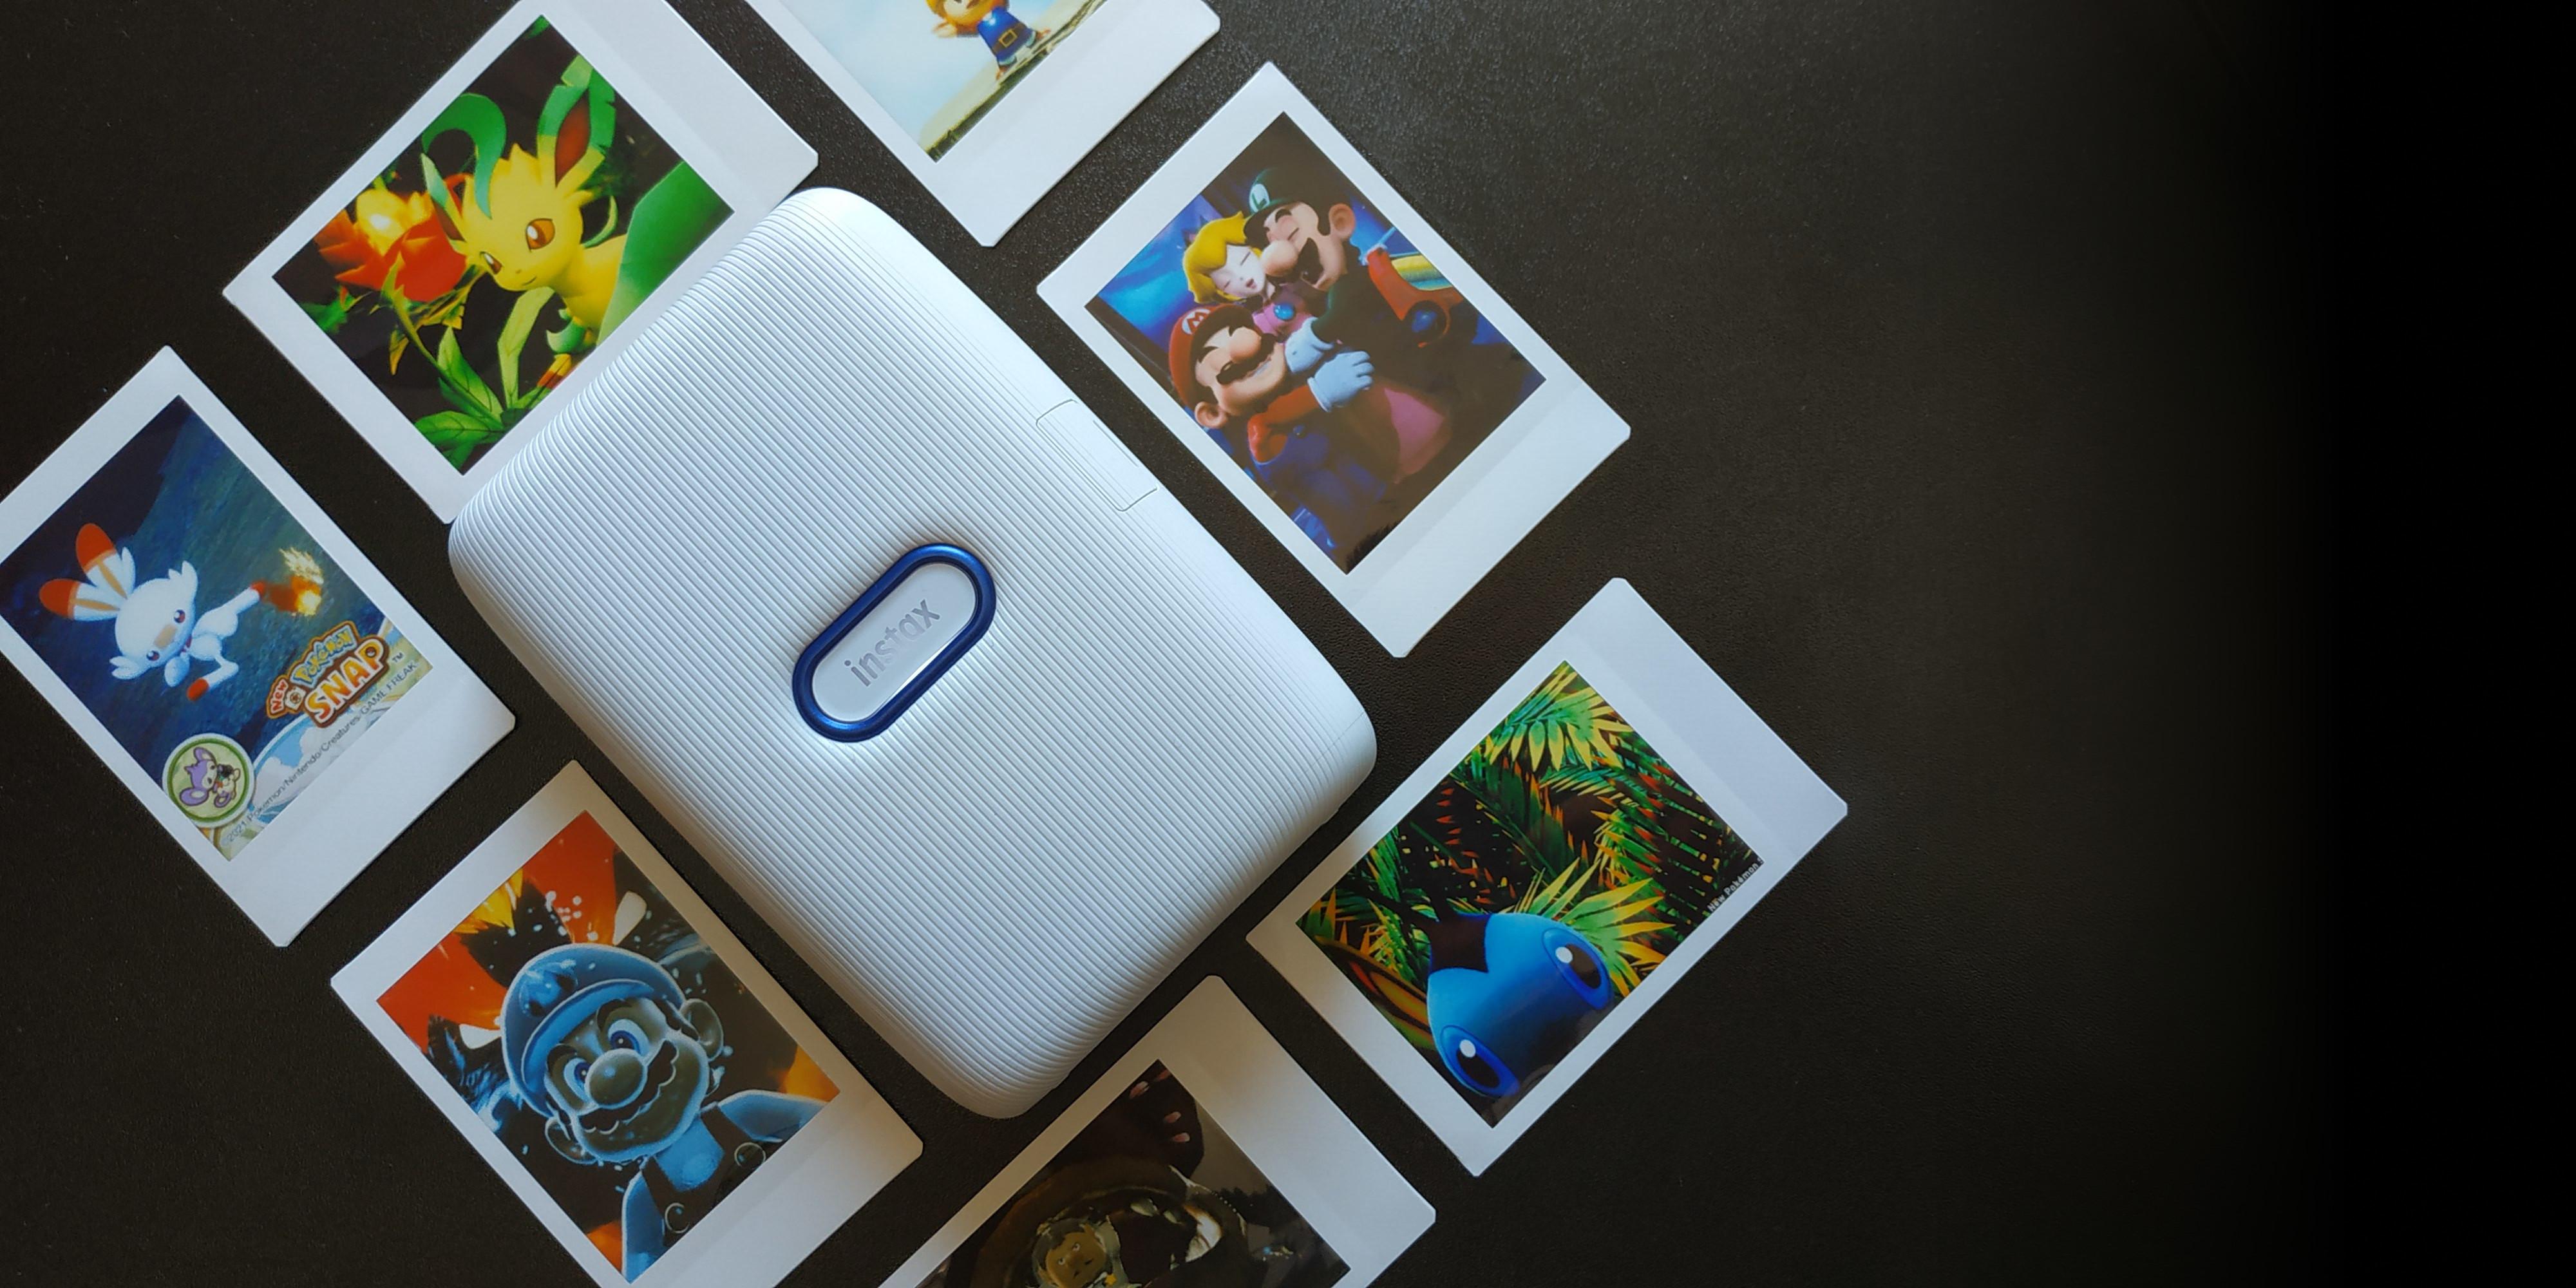 De la consola al papel: explorando el modo foto de Switch con Instax Mini Link